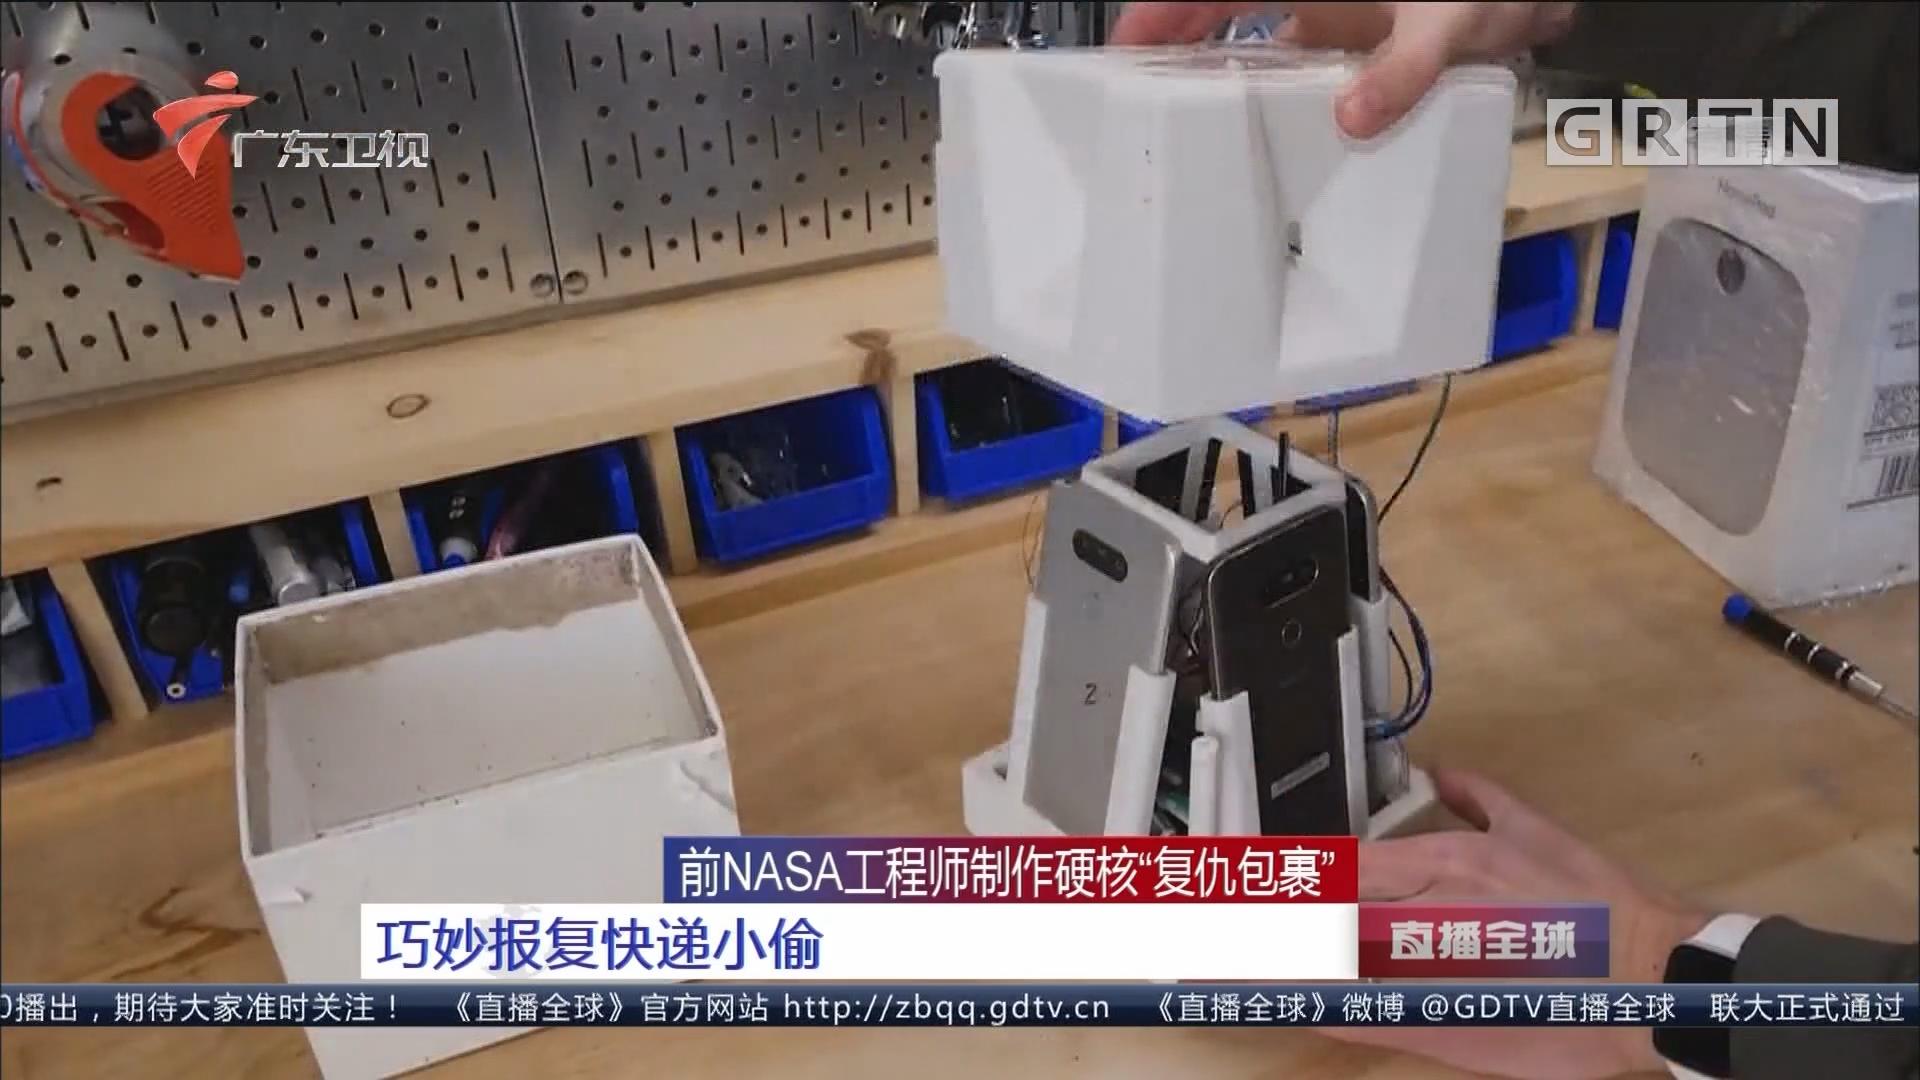 """前NASA工程师制作硬核""""复仇包裹"""" 巧妙报复快递小偷"""